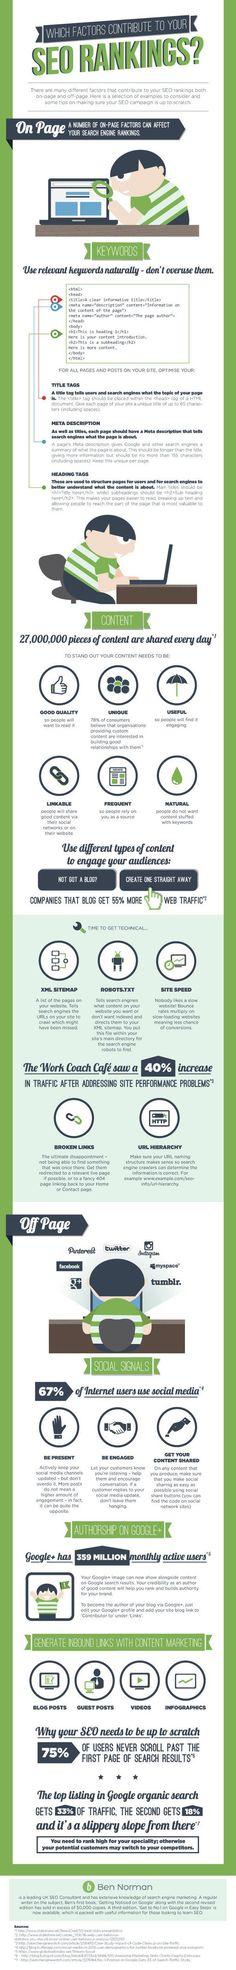 SEO Ranking Factors Infographic